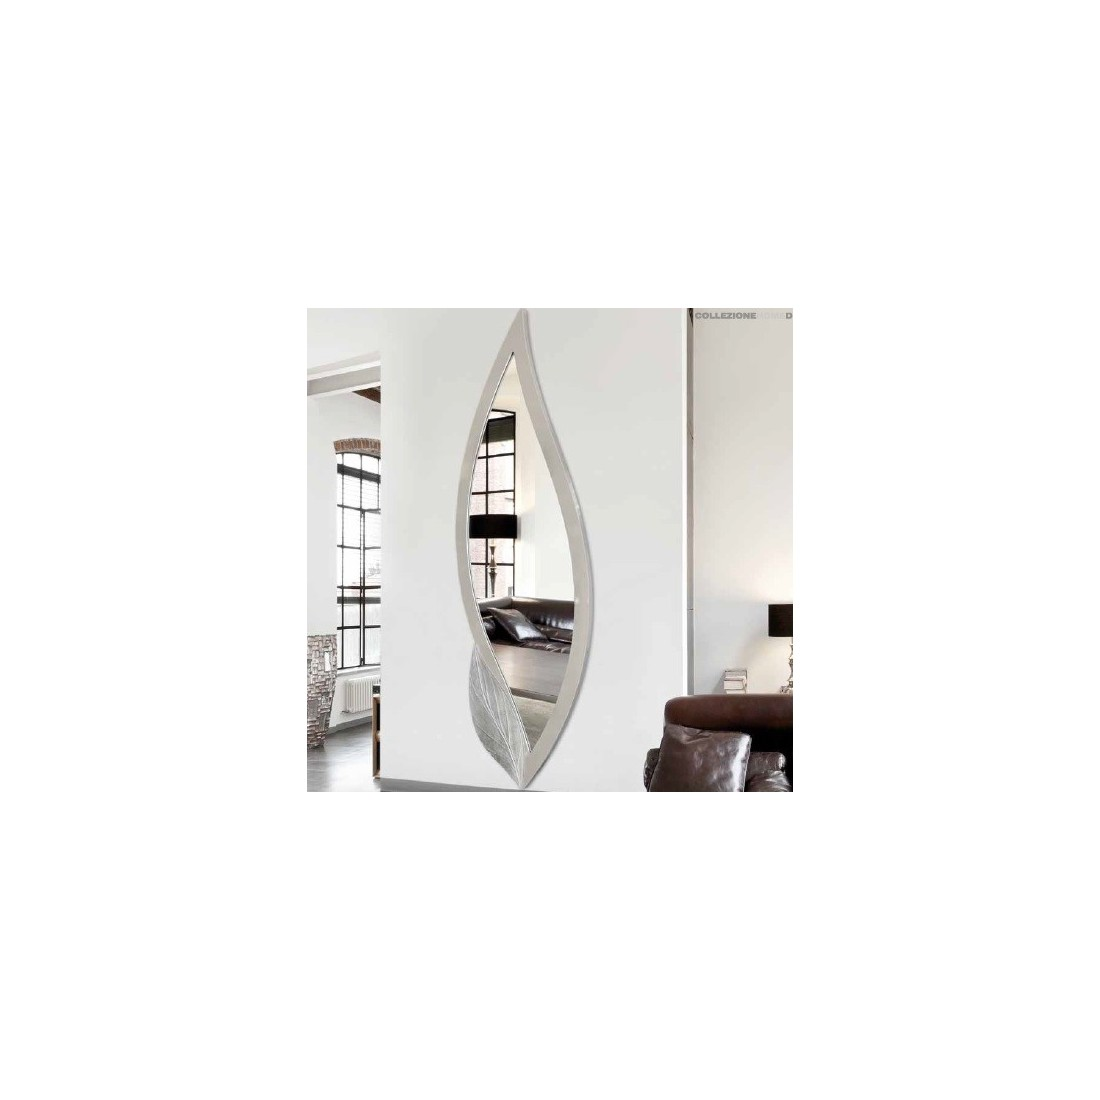 Apliques con tulipas apliques ba o apliques espejo ba o - Luces para espejos de bano ...